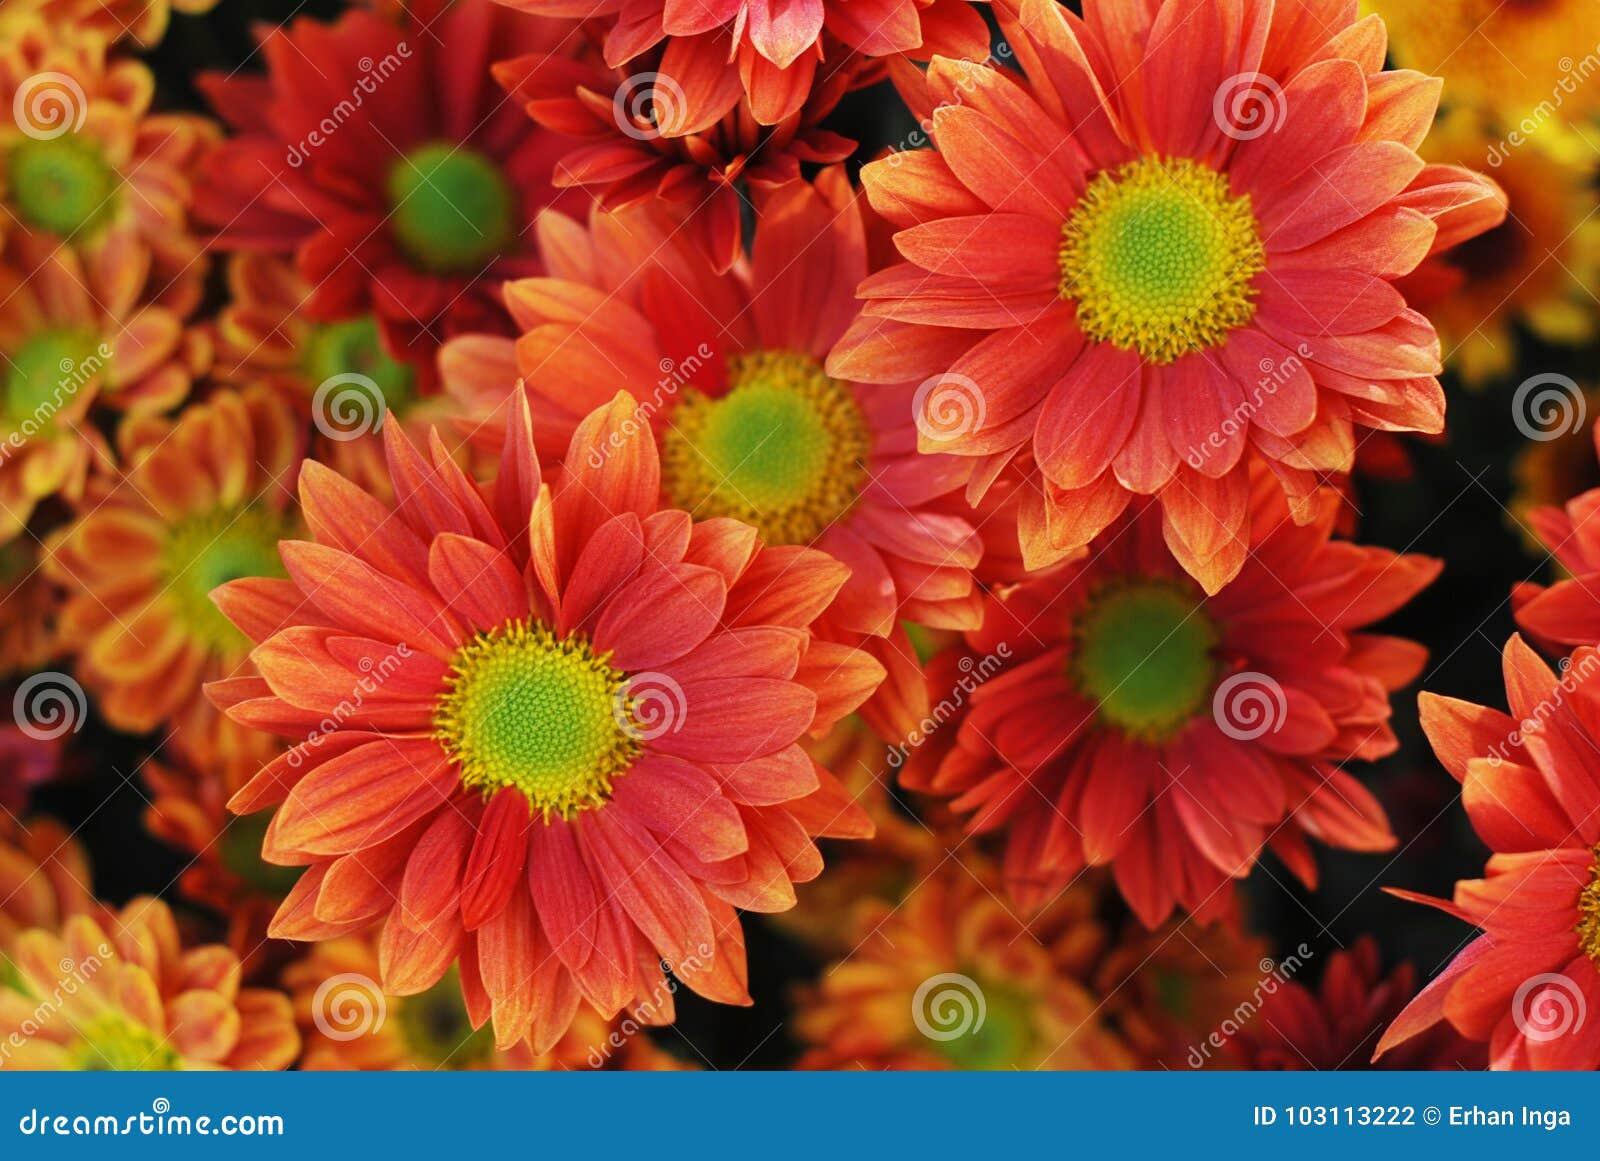 Оранжевый букет цветка хризантемы Закройте вверх с зеленой серединой